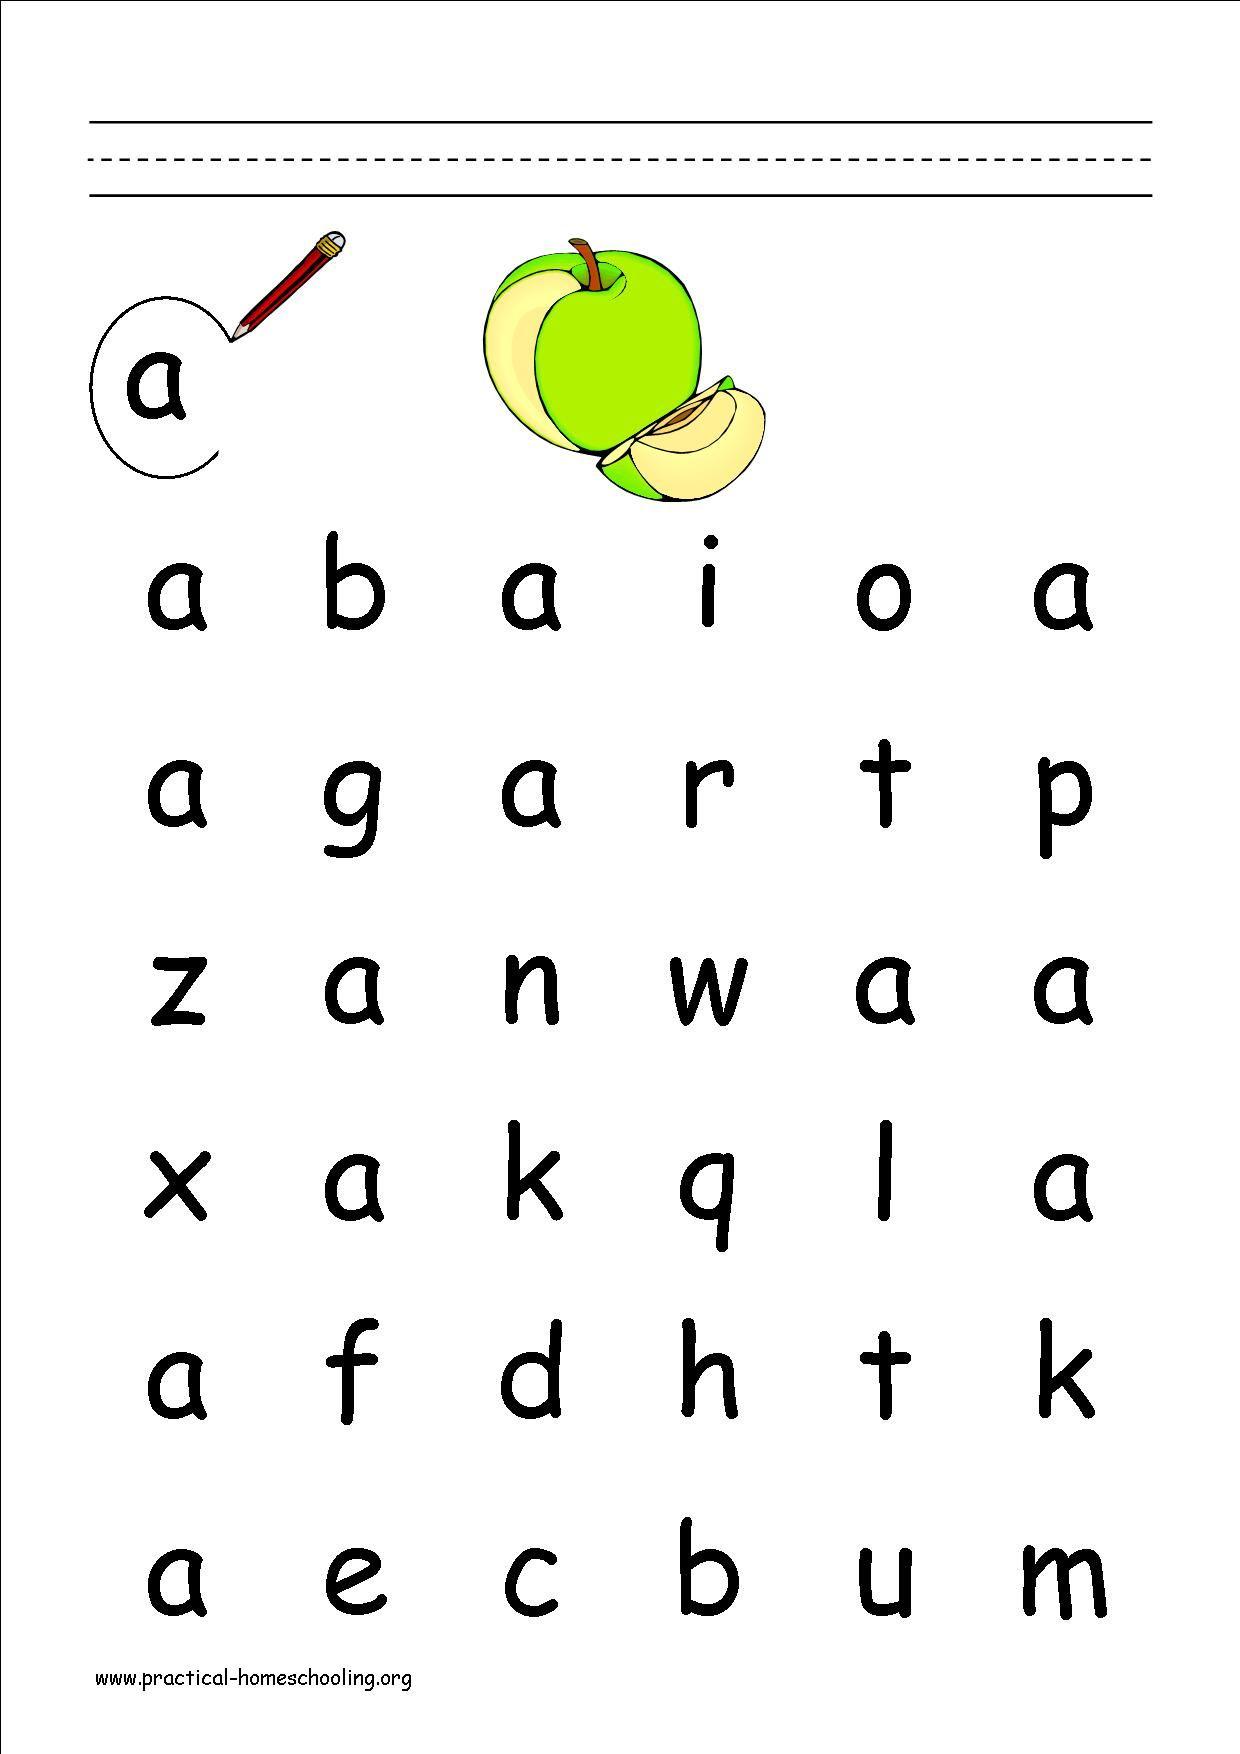 Preschool Letter A Worksheets Google Images Preschool Letters Teaching Abcs Lettering [ 1754 x 1240 Pixel ]